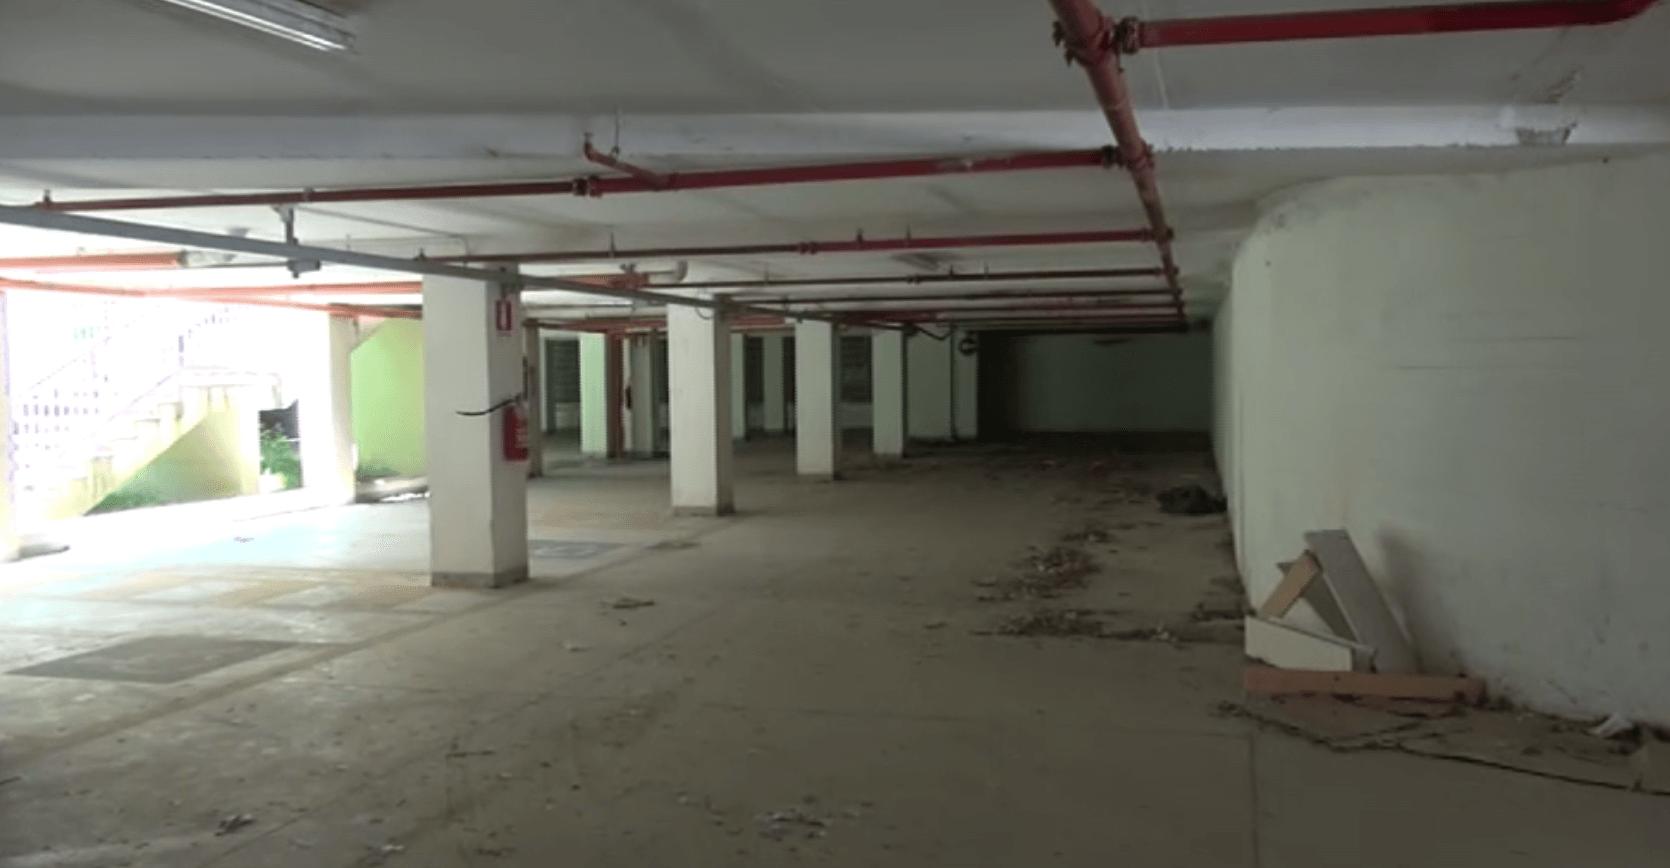 Parcheggio fantasma di San Marco: la riapertura è possibile, Comune permettendo